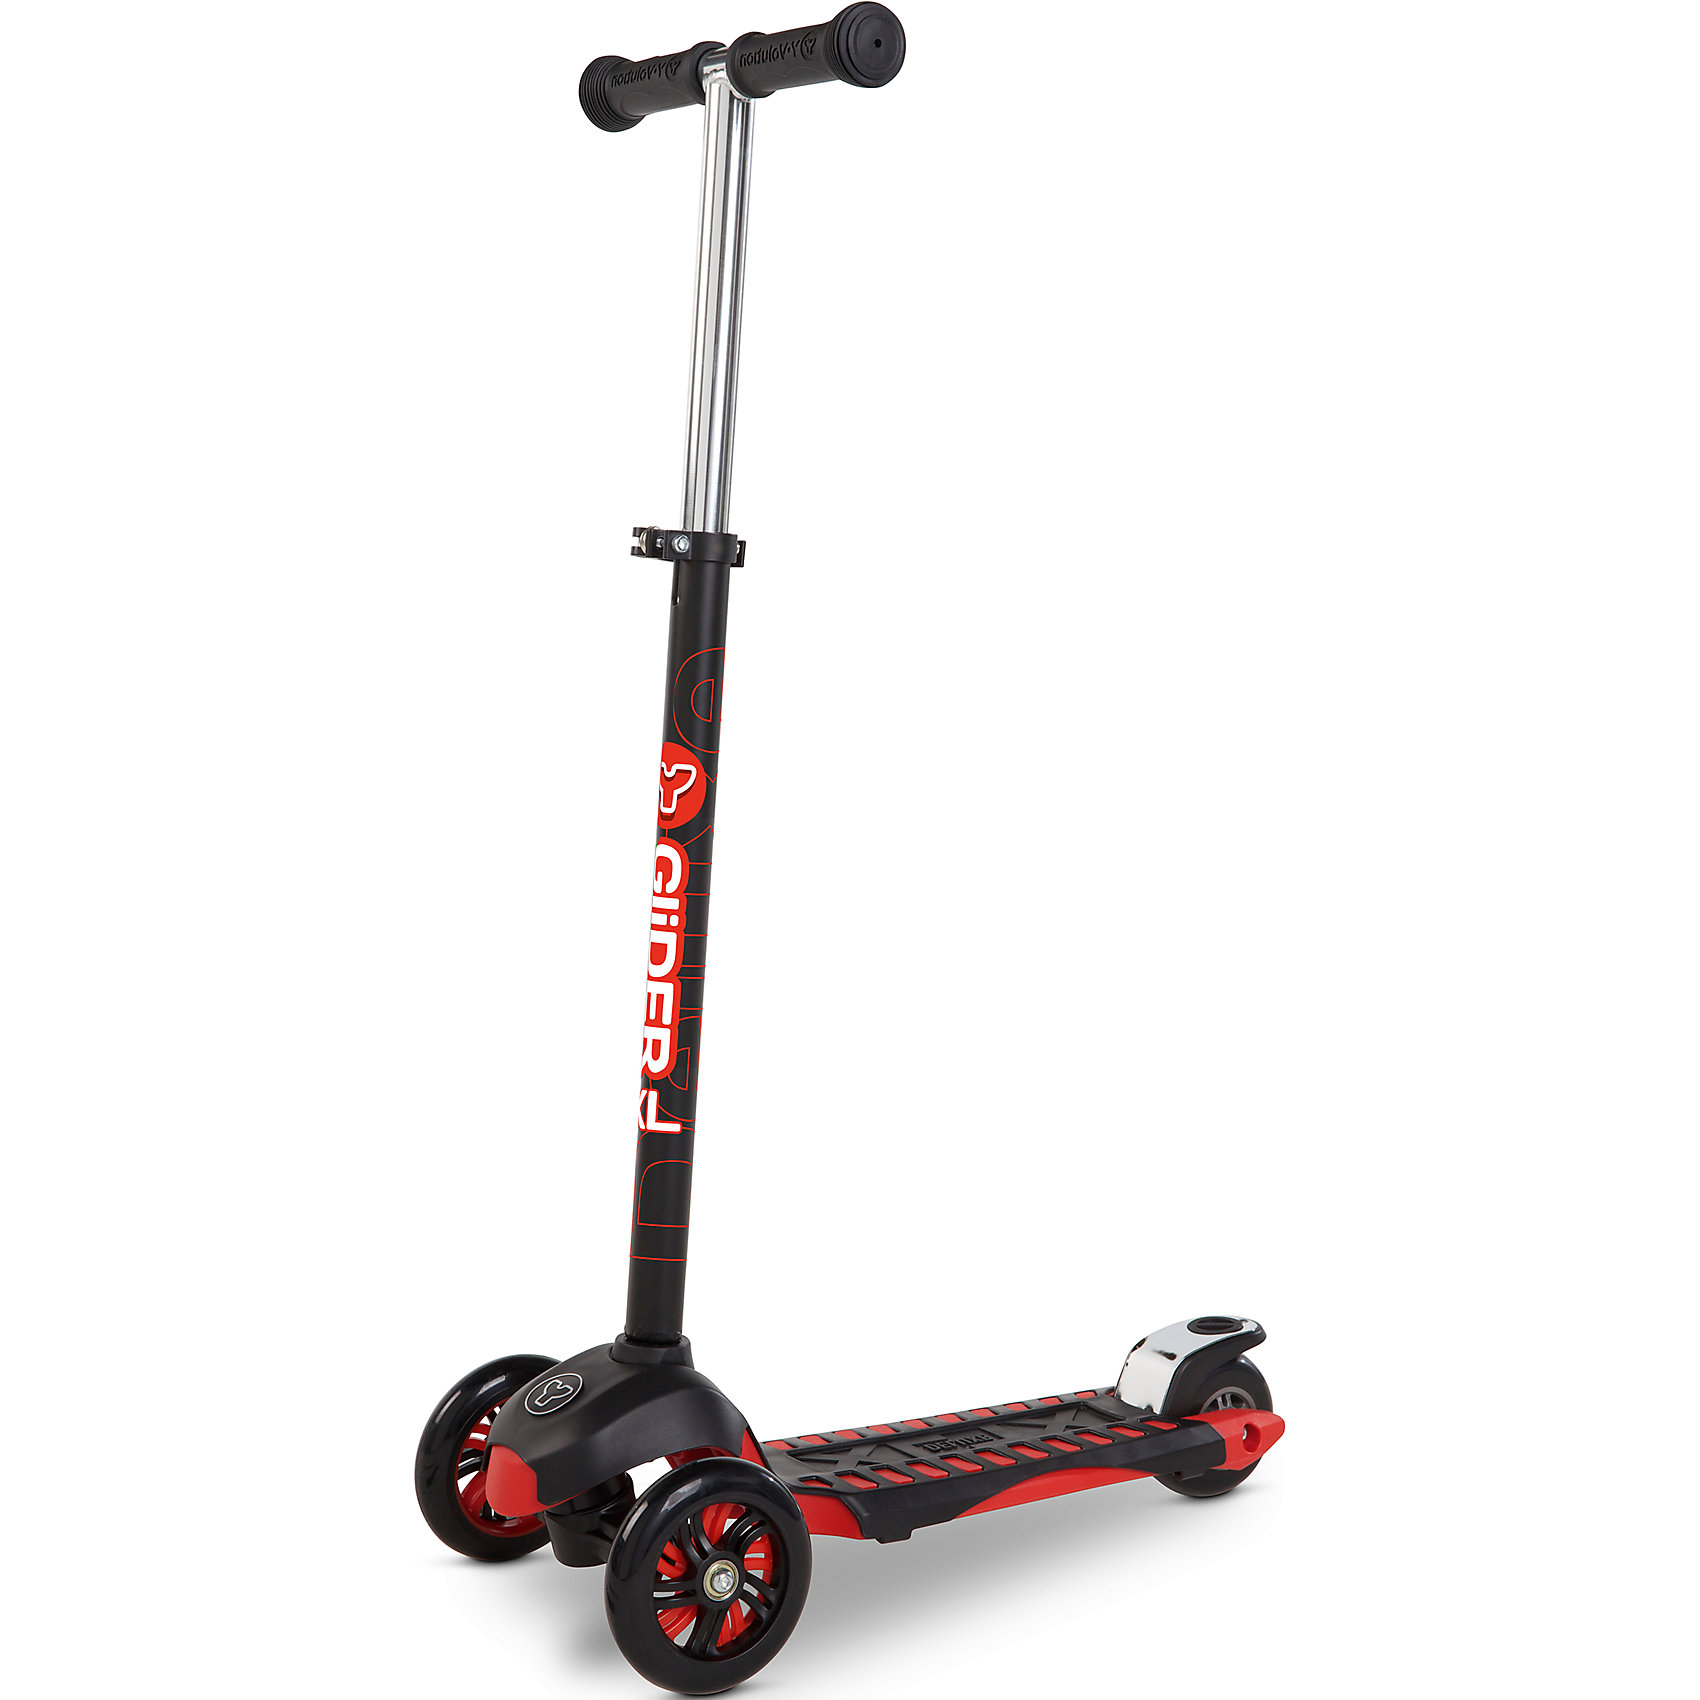 Трехколесный самокат Y-volution Glider XL Deluxe, красныйСамокаты<br>Характеристики товара:<br><br>• возраст: от 5 лет;<br>• максимальная нагрузка: 50 кг;<br>• материал: металл, пластик;<br>• материал колес: полиуретан;<br>• высота руля: 77-88 см;<br>• ножной тормоз;<br>• вес самоката: 2,8 кг;<br>• размер упаковки: 60х41х65 см;<br>• вес упаковки: 2,8 кг;<br>• страна производитель: Китай.<br><br>Трехколесный самокат Glider XL Deluxe Yvolution красный сделает активной и интересной летнюю прогулку. Он подойдет для катания по городским улочкам и паркам. Катание на самокате способствует физическому развитию ребенка, учит его координировать свои движения и держать равновесие. <br><br>Самокат оснащен удобным и простым в управлении рулевым механизмом, понятным даже начинающим райдерам. Для поворота рулевая стойка наклоняется в нужную сторону, что позволяет легко держать равновесие даже при повороте. Руль регулируется по высоте под растущего ребенка. Рулевую стойку можно вынуть из основания для хранения дома или транспортировки.<br><br>Колеса изготовлены из долговечного износостойкого полиуретана, который обеспечивает плавную и ровную езду. 2 передних колеса придают самокату хорошей устойчивости. Рифленая поверхность деки обеспечивает хорошее сцепление с поверхностью для безопасной езды. Ножной тормоз гарантирует быстрое торможение перед препятствием. Рама изготовлена из прочного материала, выдерживающего большие нагрузки.<br><br>Трехколесный самокат Glider XL Deluxe Yvolution красный можно приобрести в нашем интернет-магазине.<br><br>Ширина мм: 600<br>Глубина мм: 410<br>Высота мм: 650<br>Вес г: 2800<br>Возраст от месяцев: 60<br>Возраст до месяцев: 2147483647<br>Пол: Унисекс<br>Возраст: Детский<br>SKU: 6679957